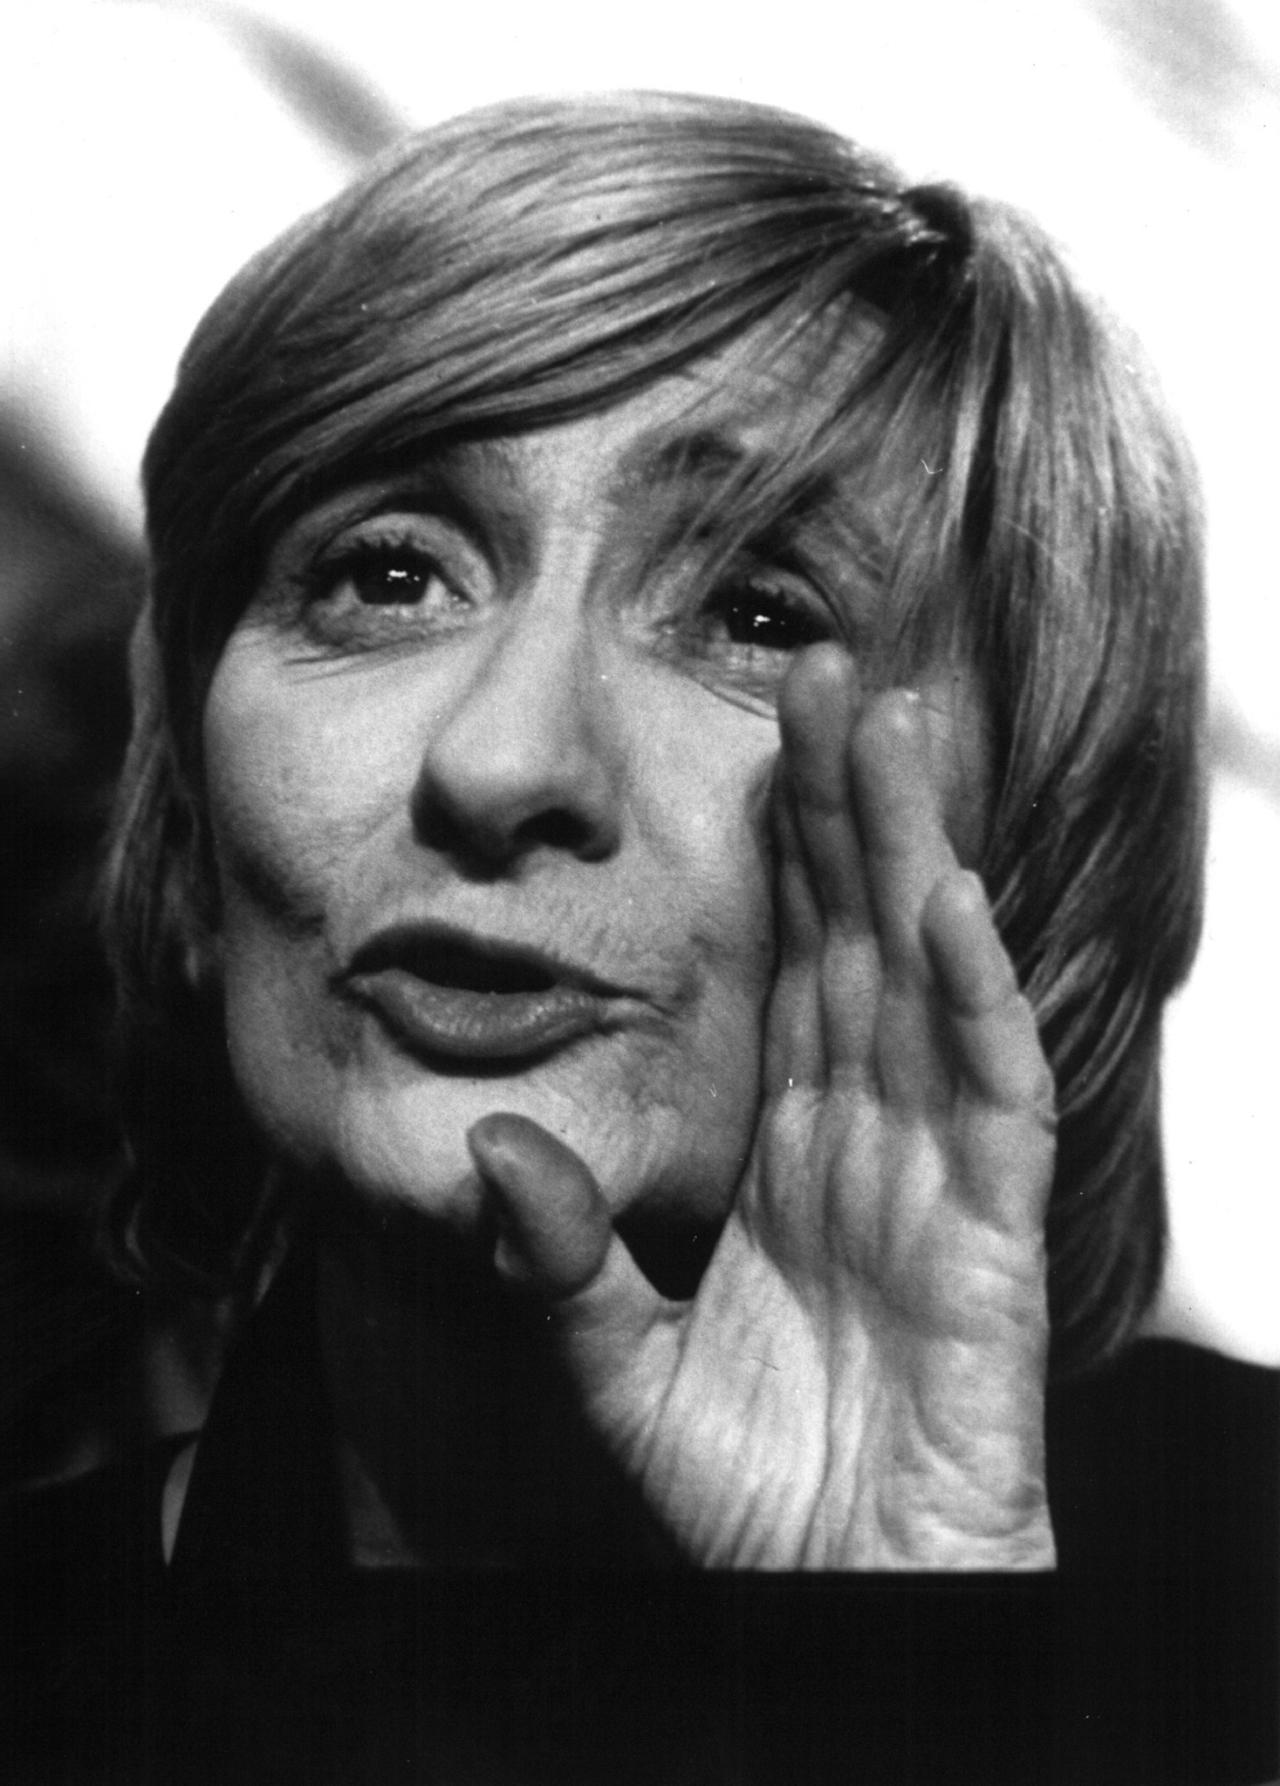 Zitat: Porträtfoto der französischen Schriftstellerin Françoise Sagan, 1987. Prinzip Apfelbaum – Magazin über das, was bleibt. Ausgabe: Wandel. Foto: picture alliance / dpa